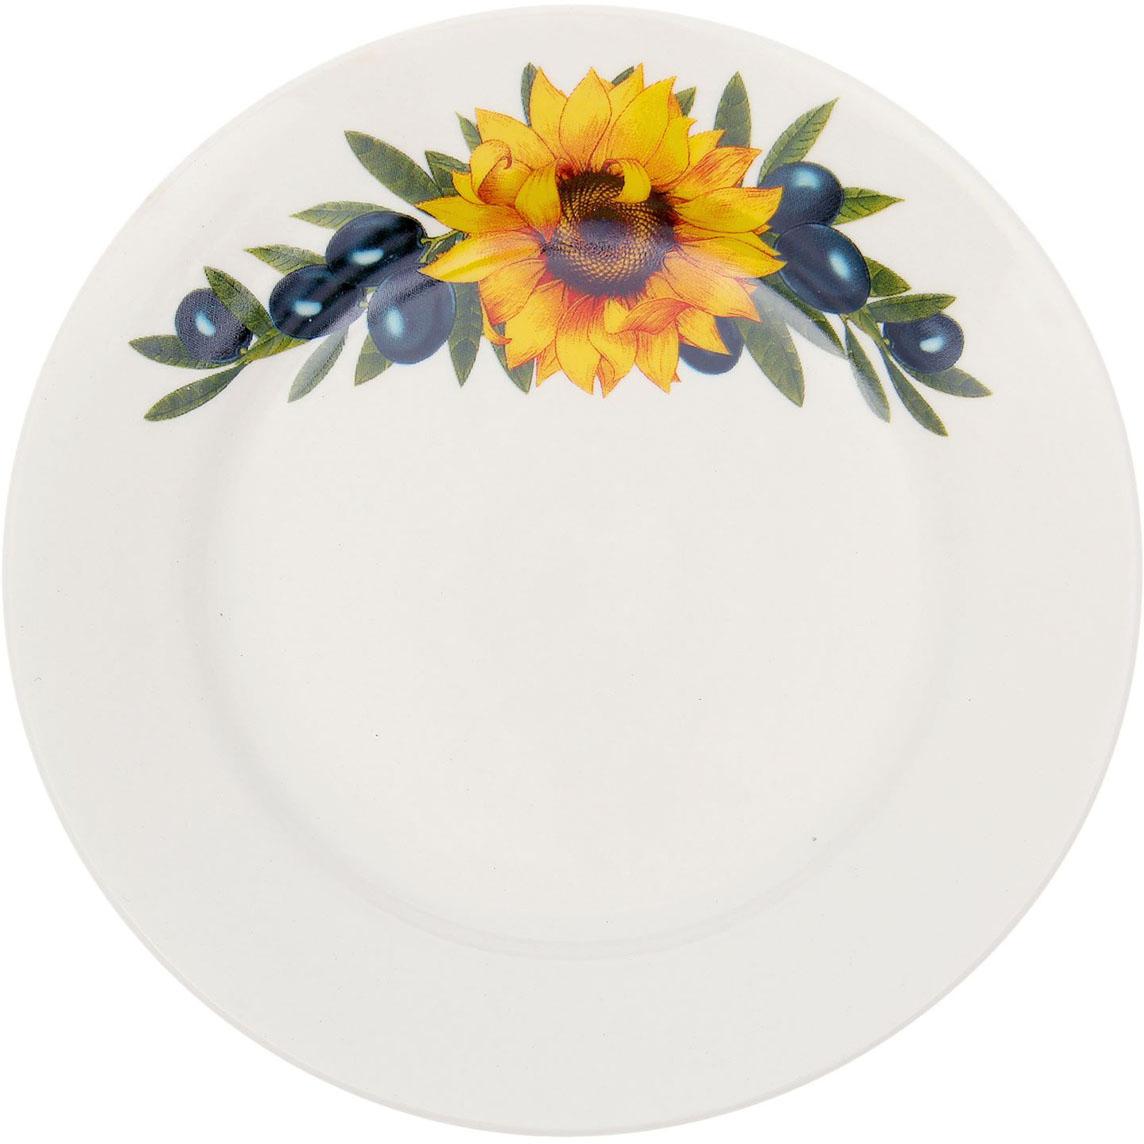 Тарелка мелкая Керамика ручной работы Оливки, диаметр 17,5 см1764841Данная тарелка понравится любителям вкусной и полезной домашней пищи. Такая посуда практична и красива, в ней можно хранить и подавать разнообразные блюда. При многократном использовании изделие сохранит свой вид и выдержит мытье в посудомоечной машине.В керамической емкости горячая пища долго сохраняет свое тепло, остуженные блюда остаются прохладными.Изделие не выделяет вредных веществ при нагревании и длительном хранении за счет экологичности материала.